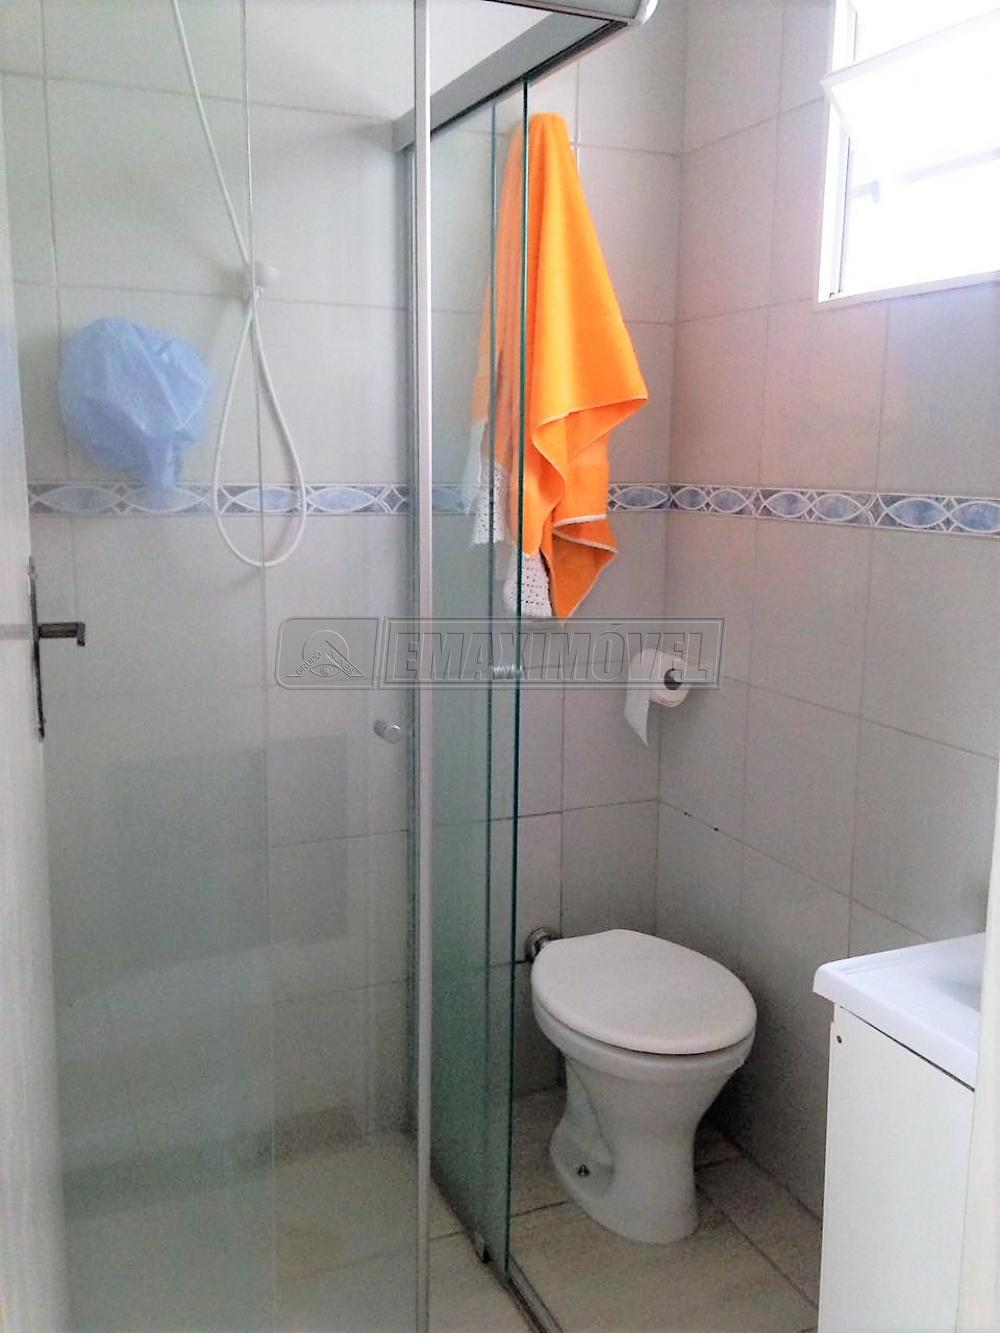 Comprar Casas / em Bairros em Sorocaba apenas R$ 235.000,00 - Foto 12